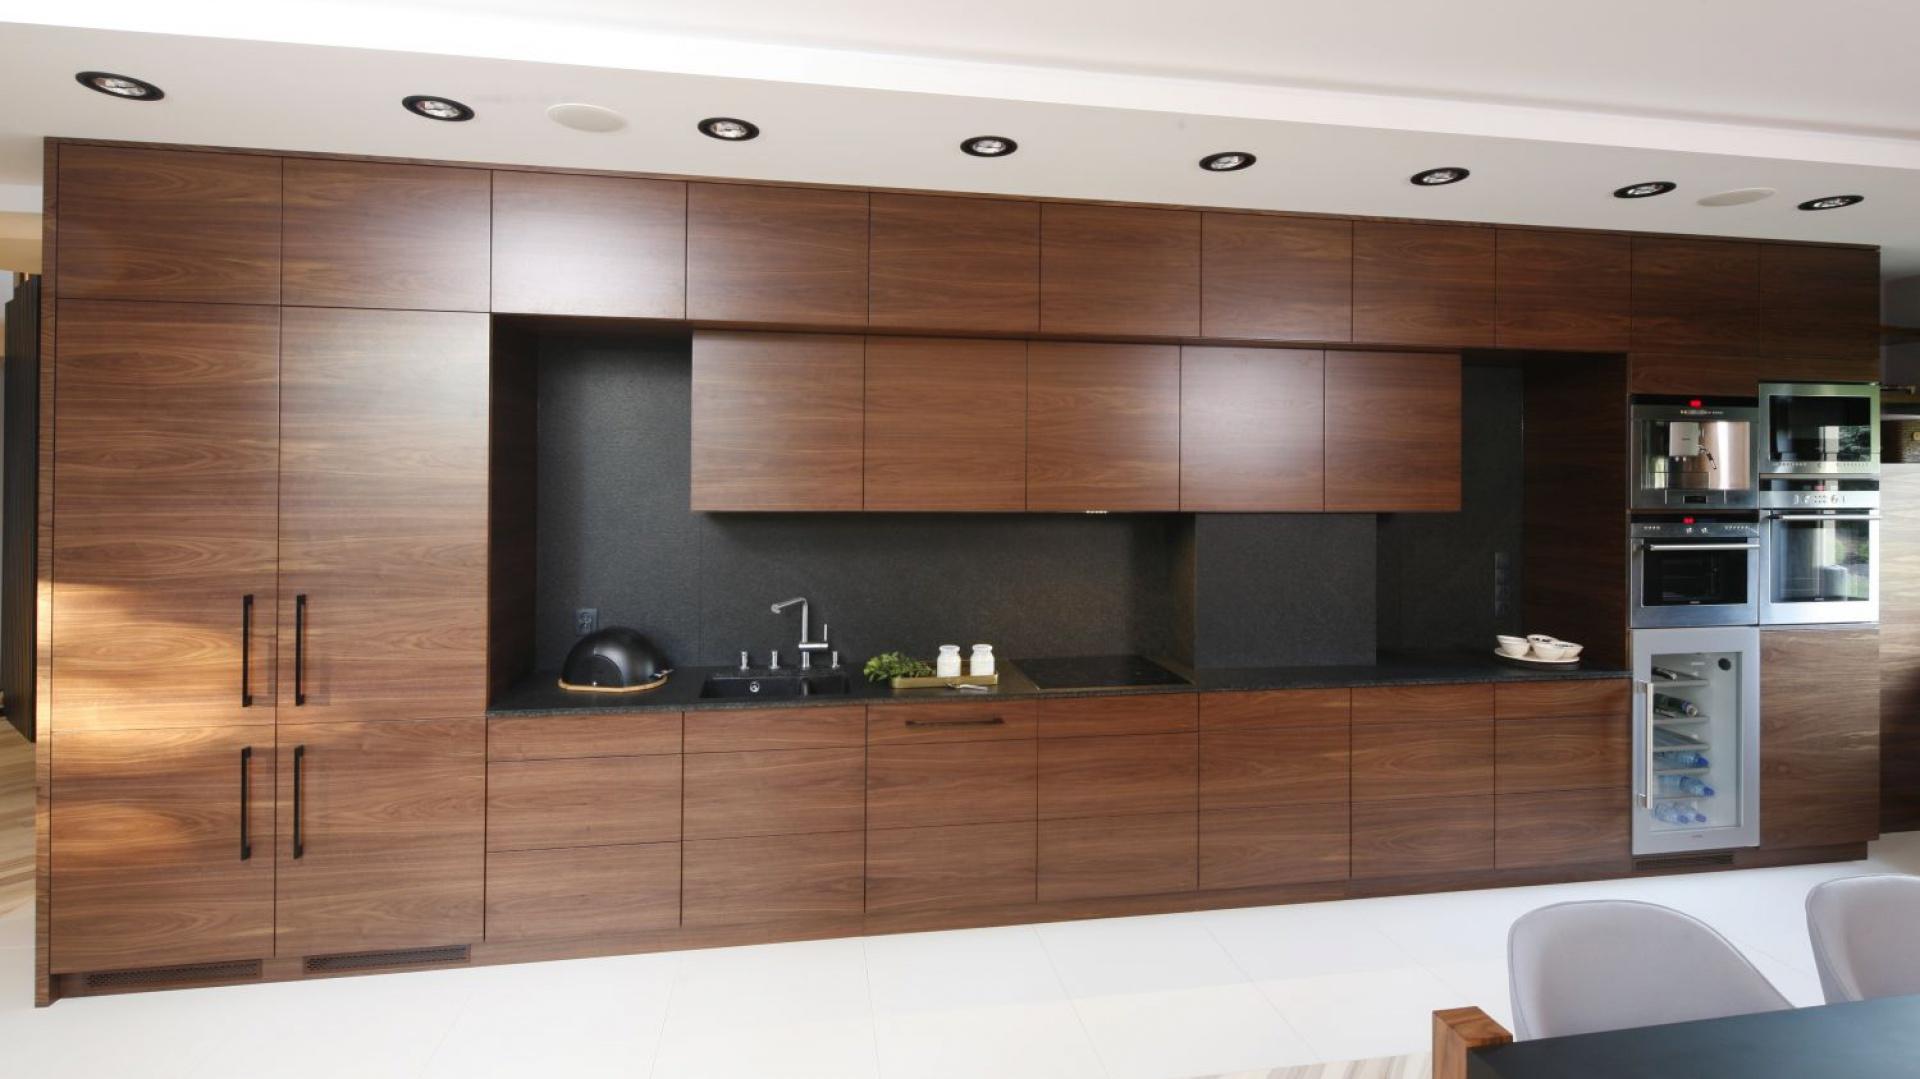 W kuchni połączonej z Kuchnia w drewnie tania nie jest, ale jaki efekt!   -> Kuchnia Orzech Amerykanski Cena